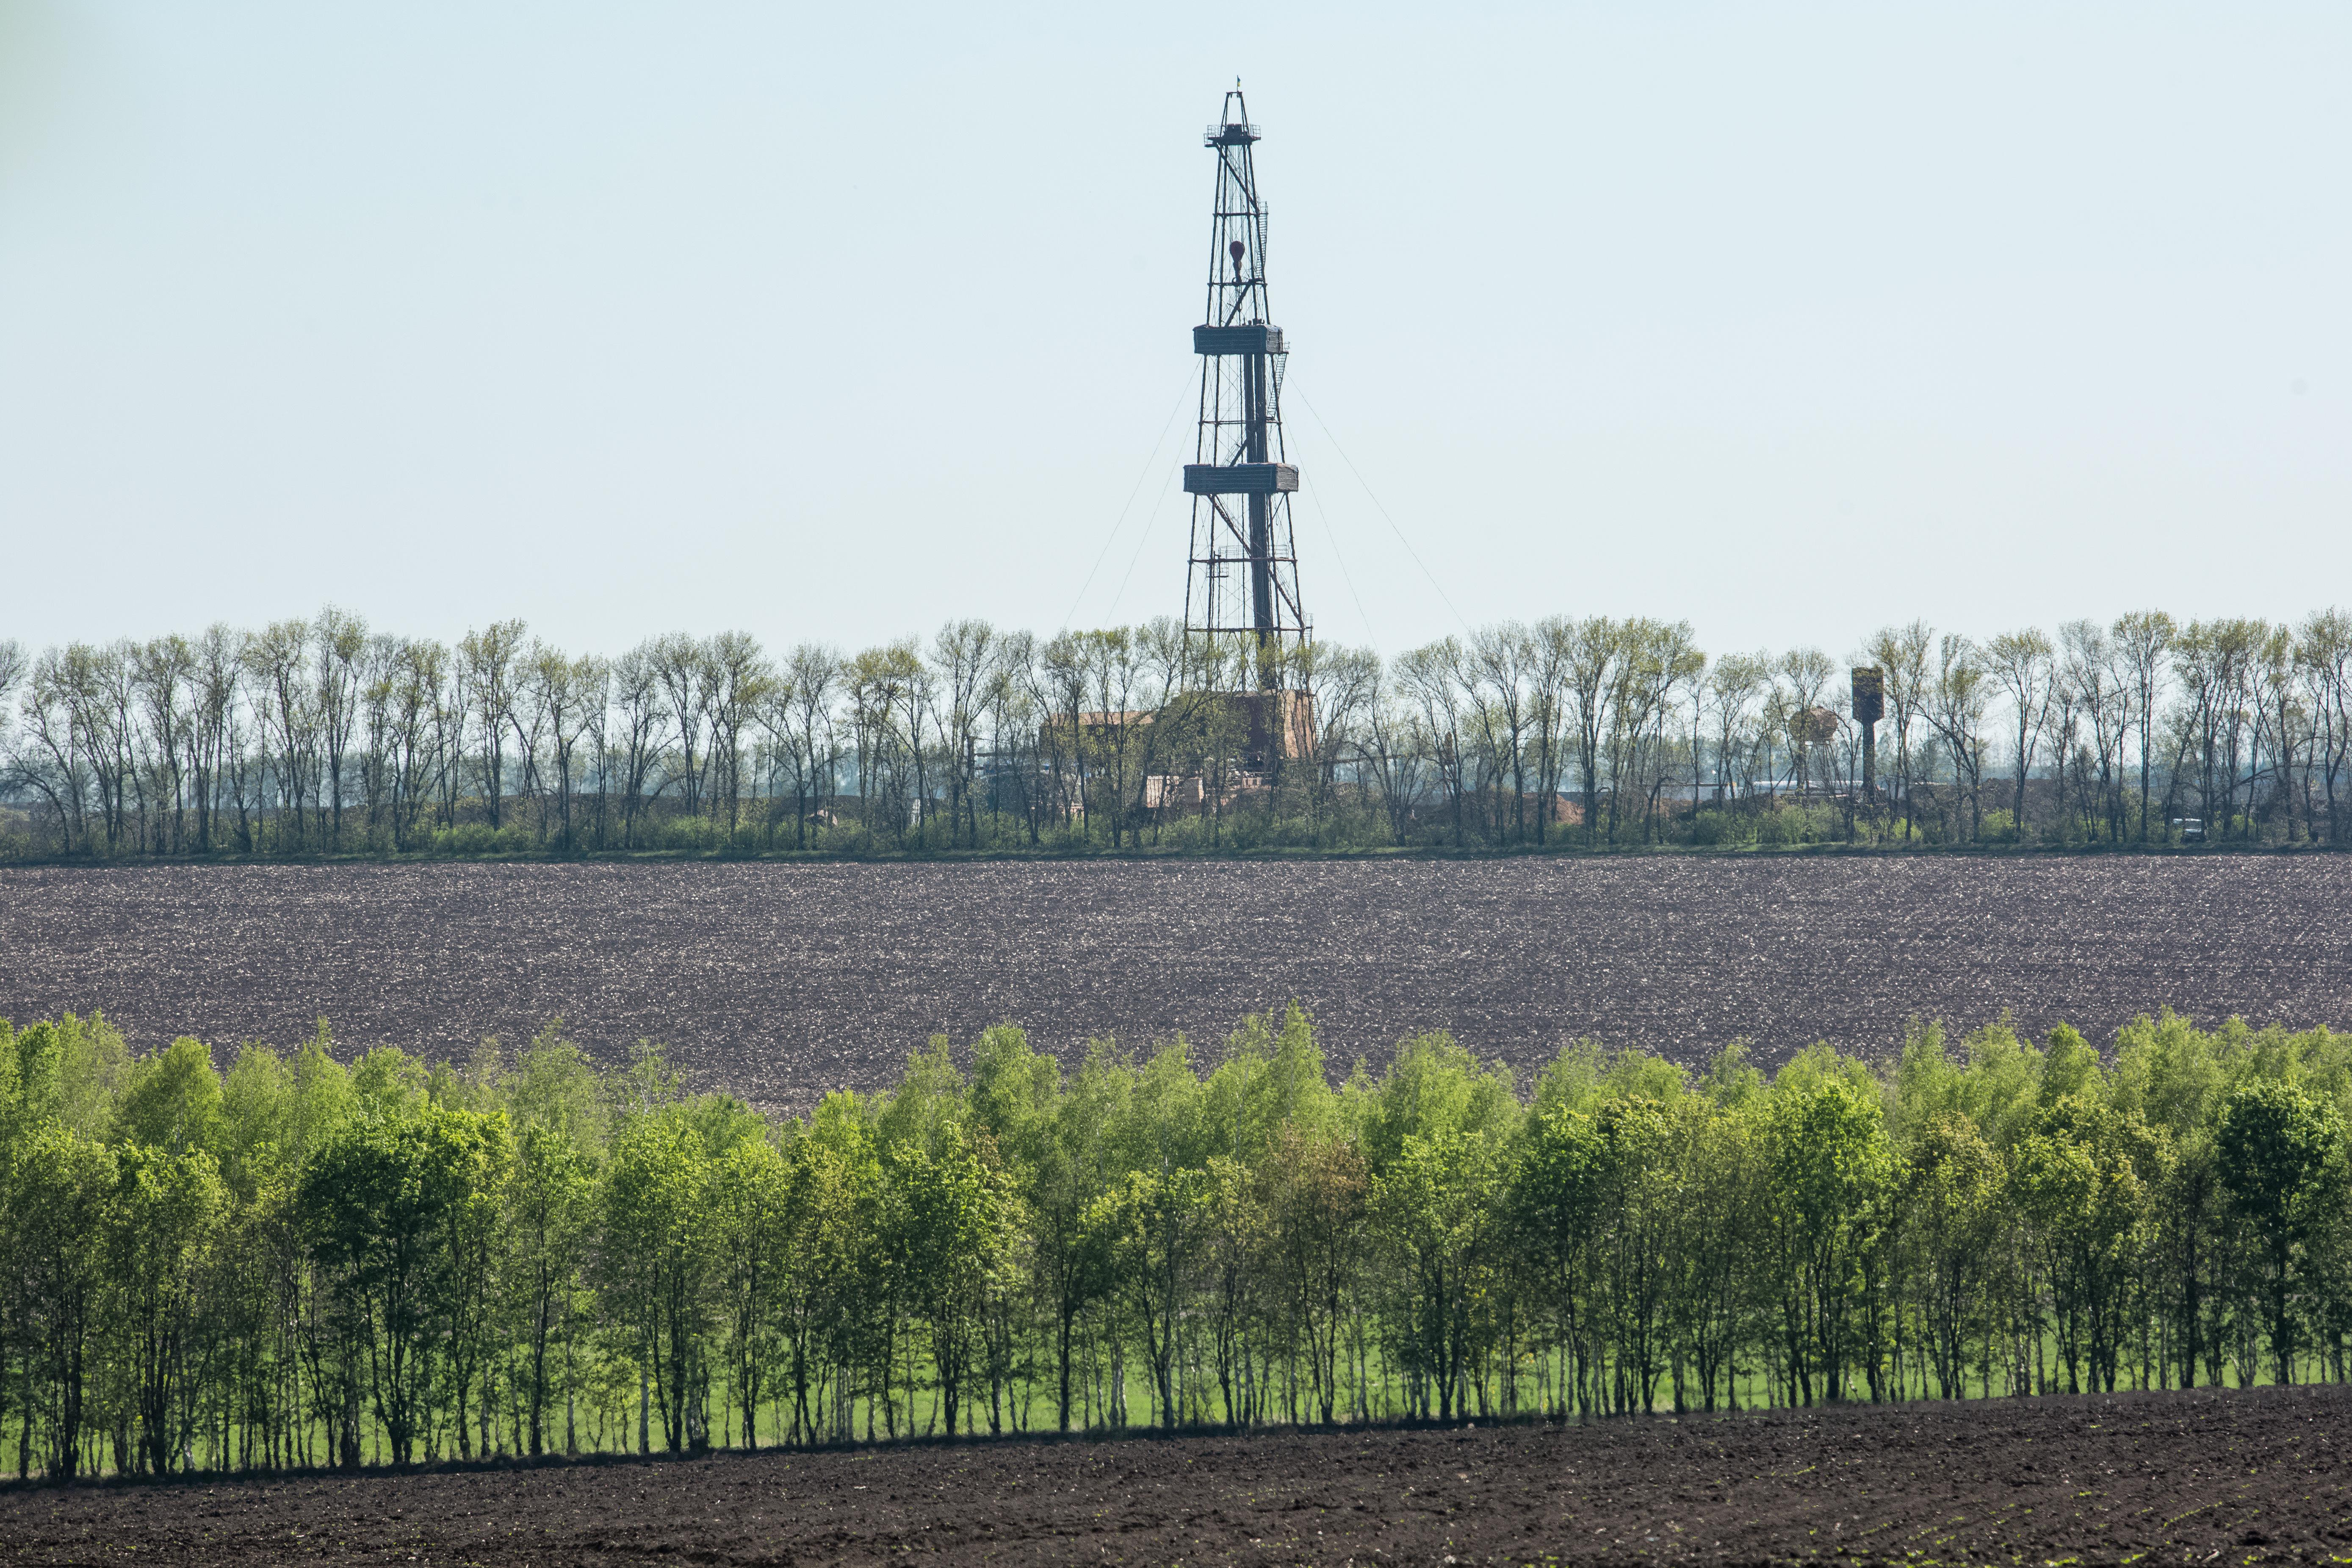 Укргазвидобування отримало 9 бланків на спецдозволи від Державної служби геології та надр